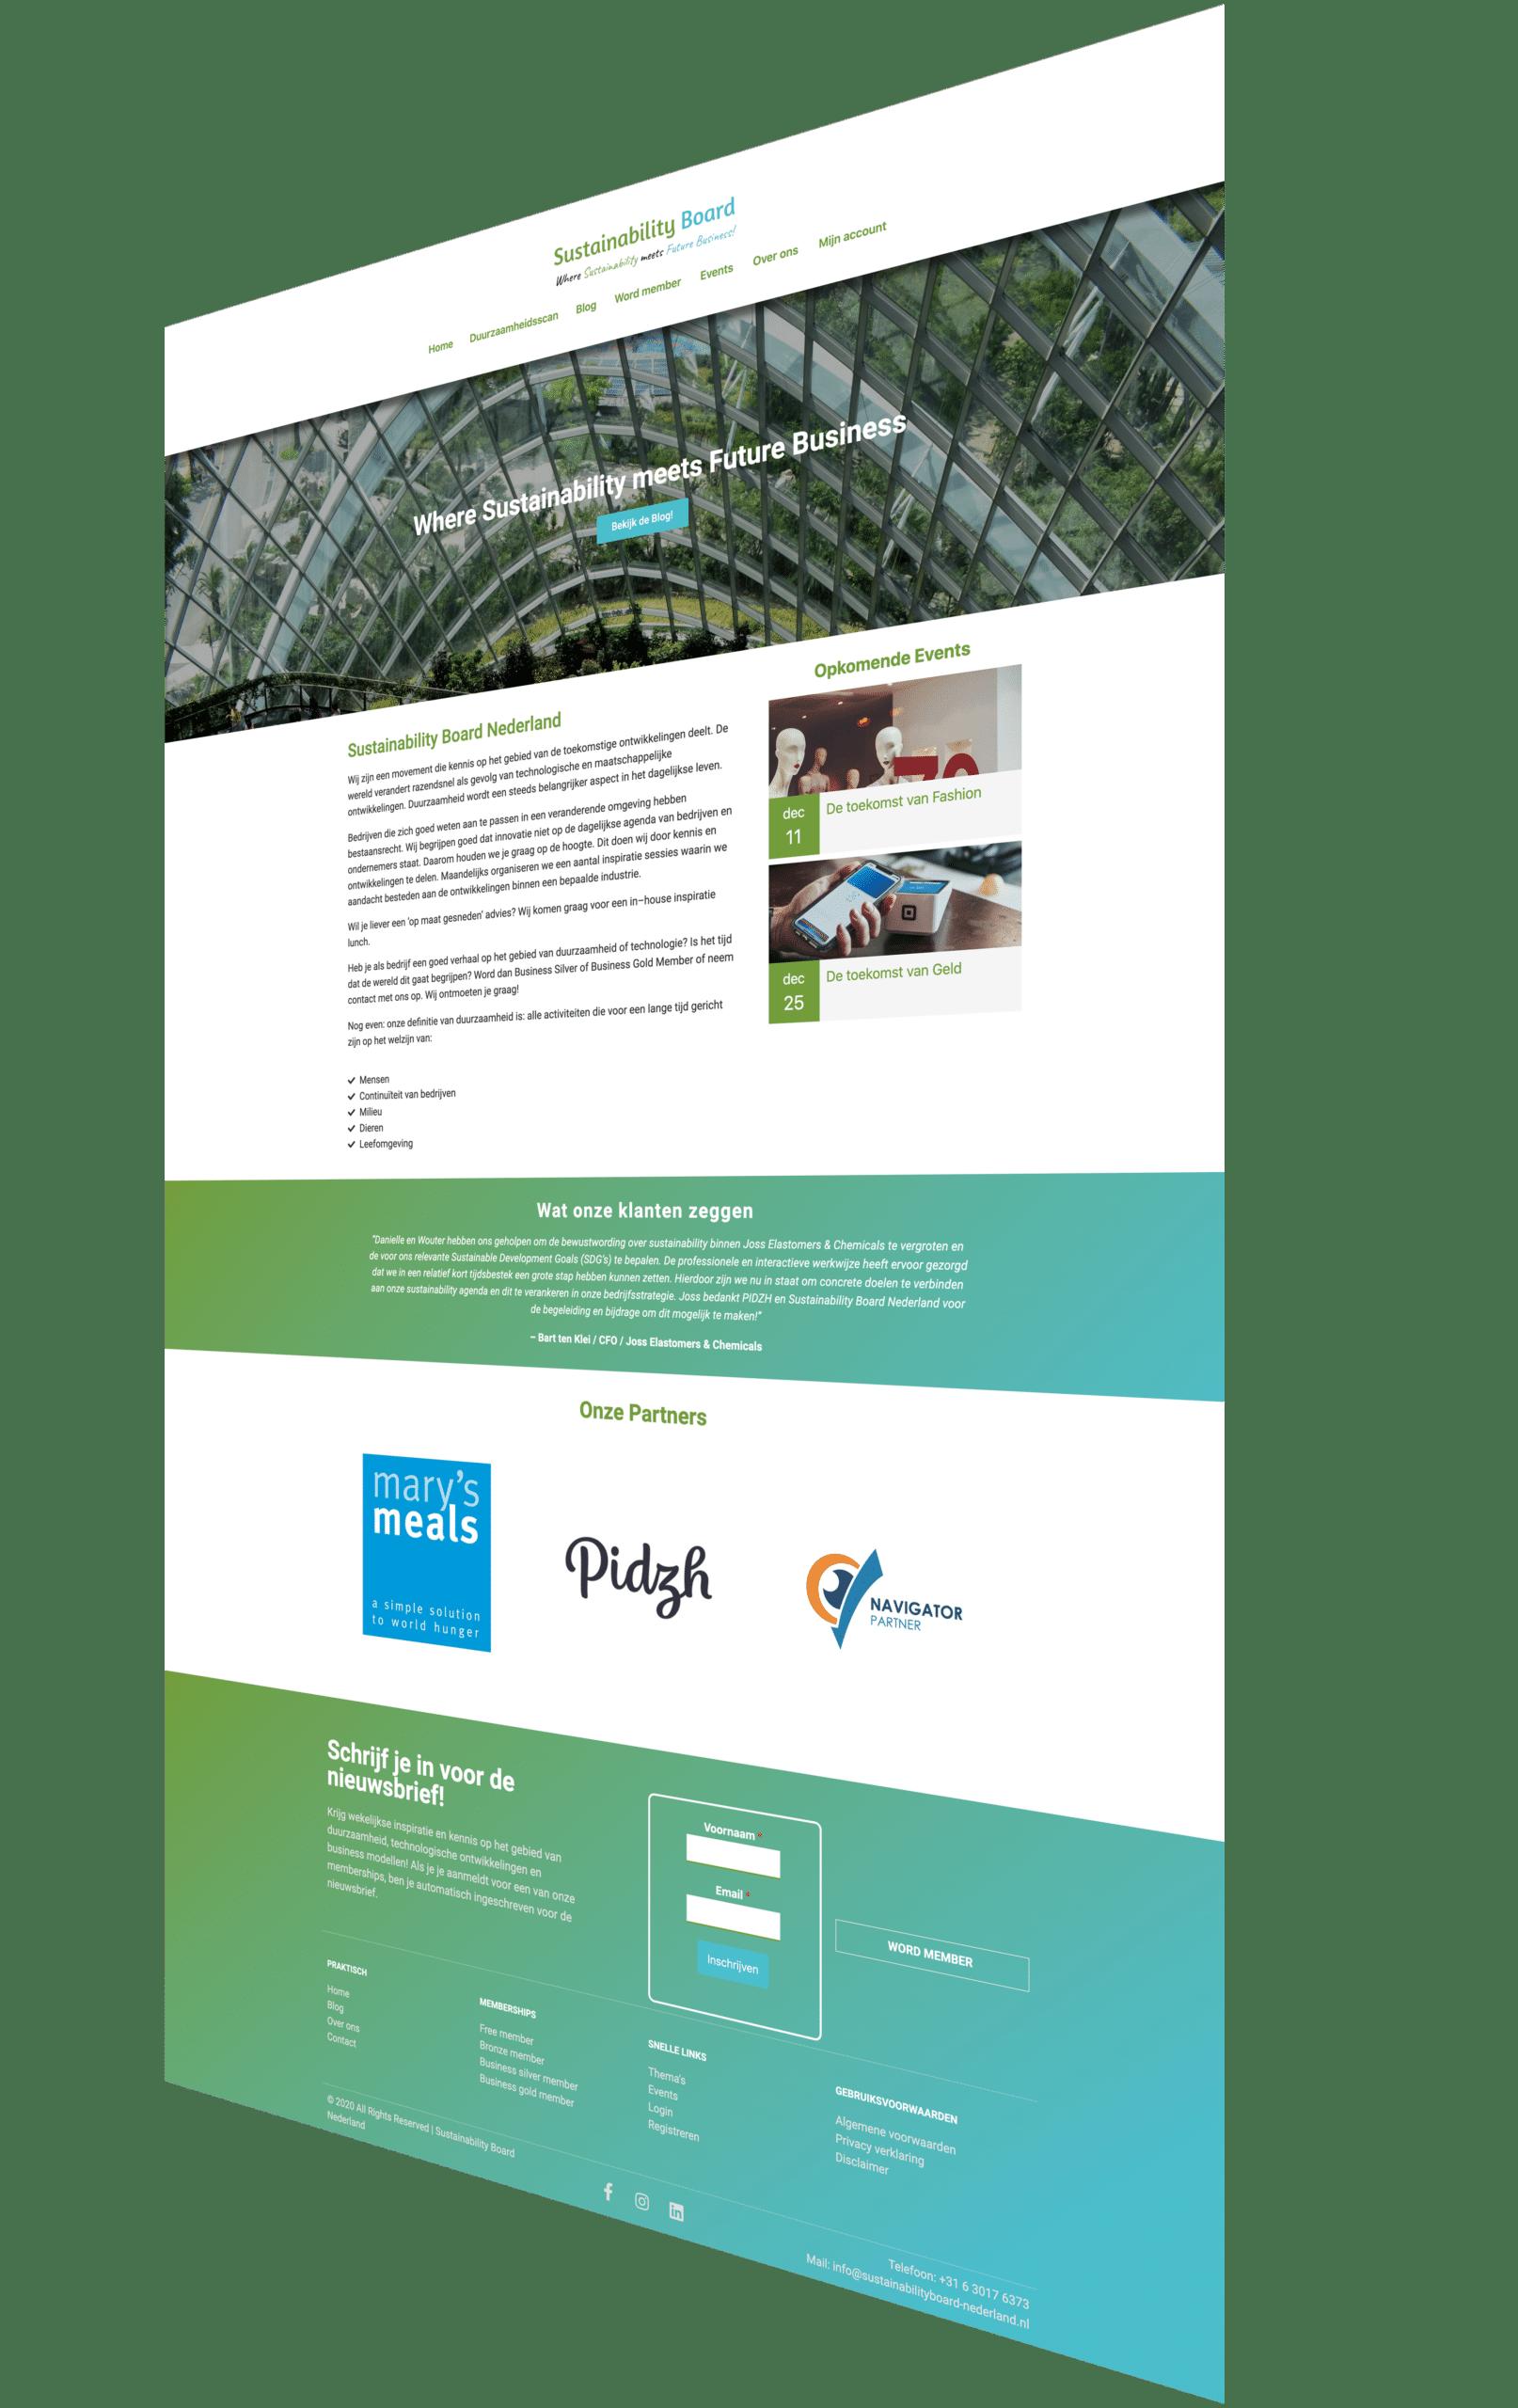 gekantelde sustainability board volledige website